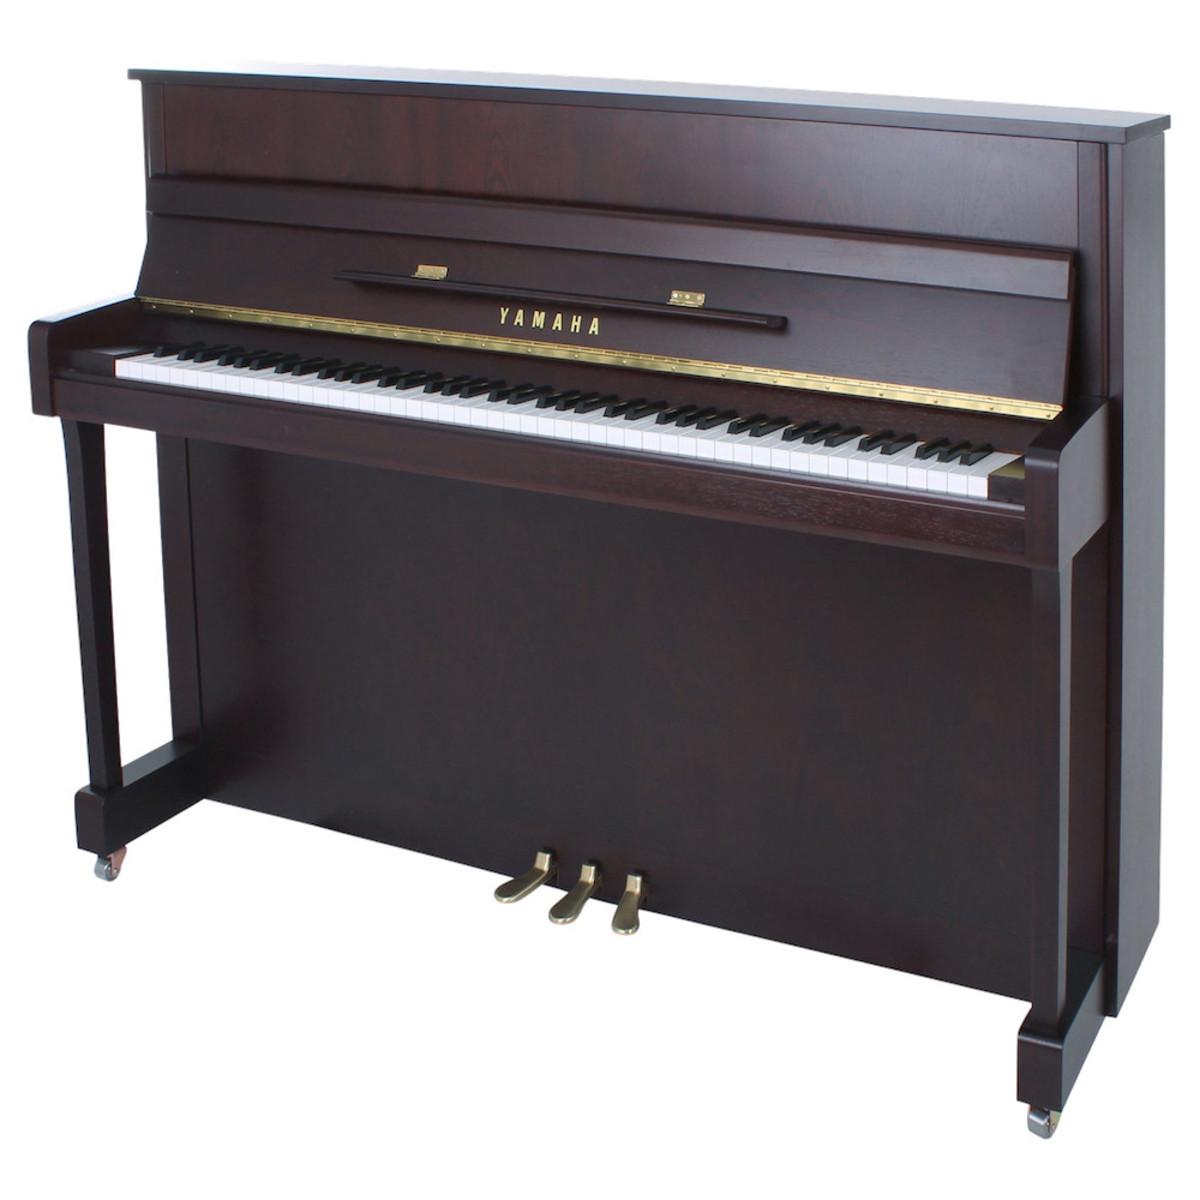 Yamaha b2 upright acoustic piano dark walnut satin at for Yamaha 650 piano